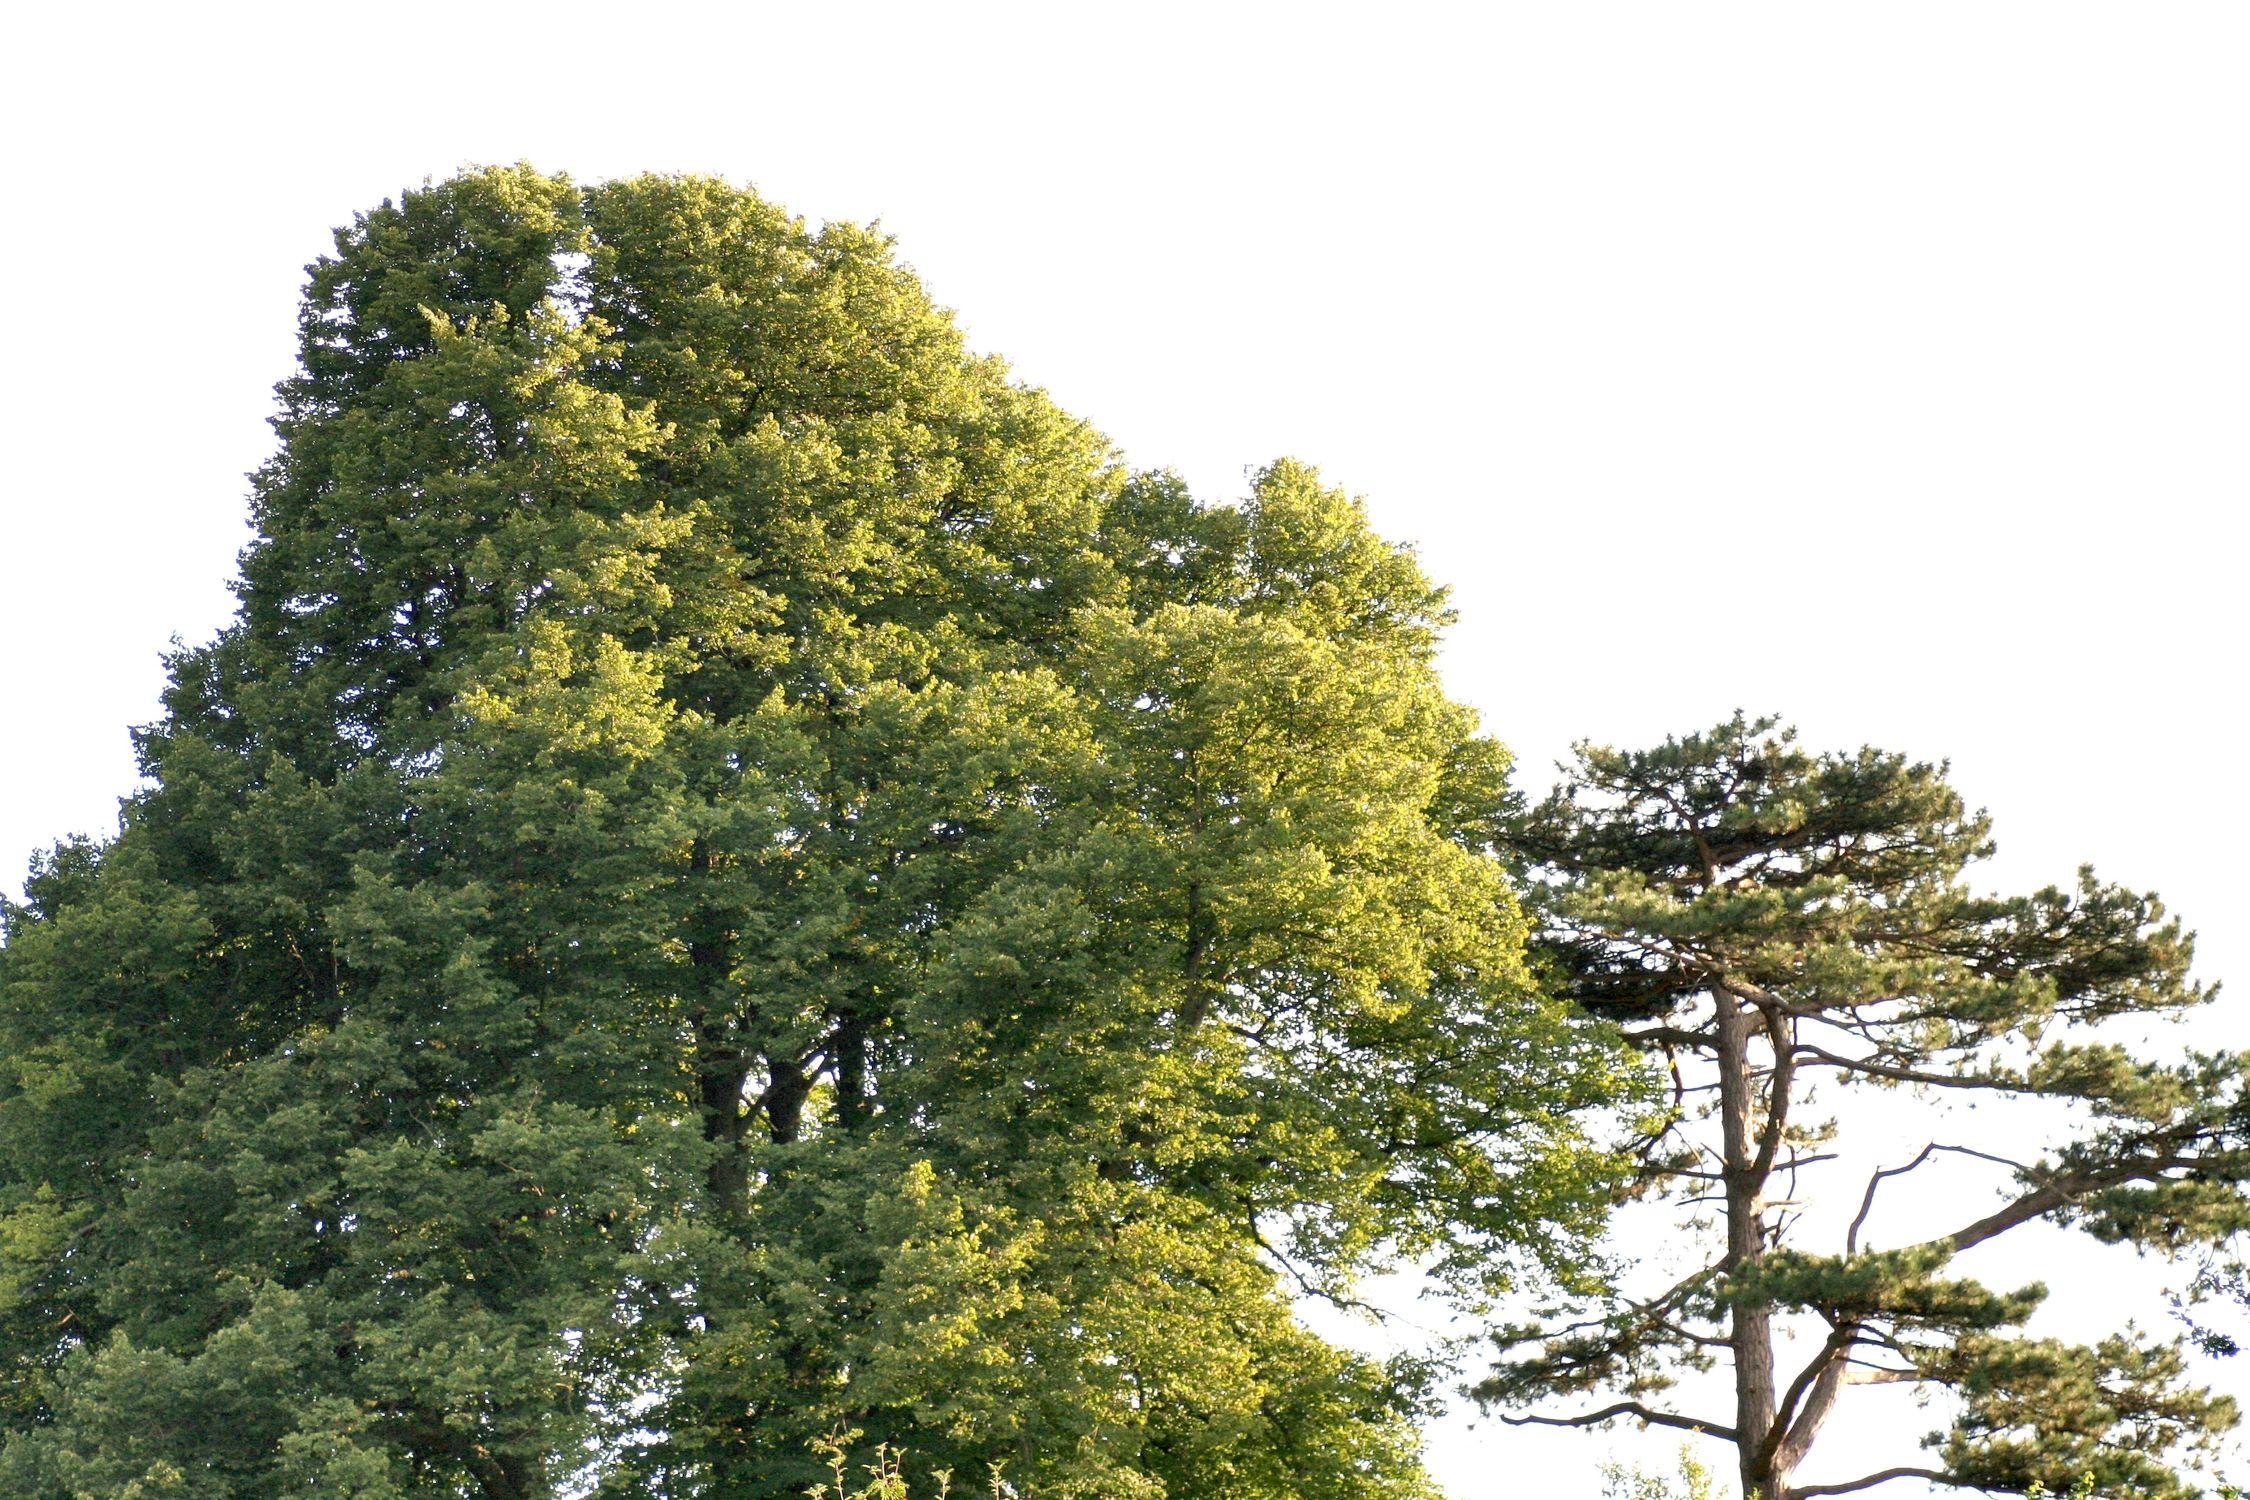 Bild mit Natur, Pflanzen, Landschaften, Himmel, Bäume, Nadelbäume, Wälder, Kiefern, Baum, Nadelbaum, Kiefer